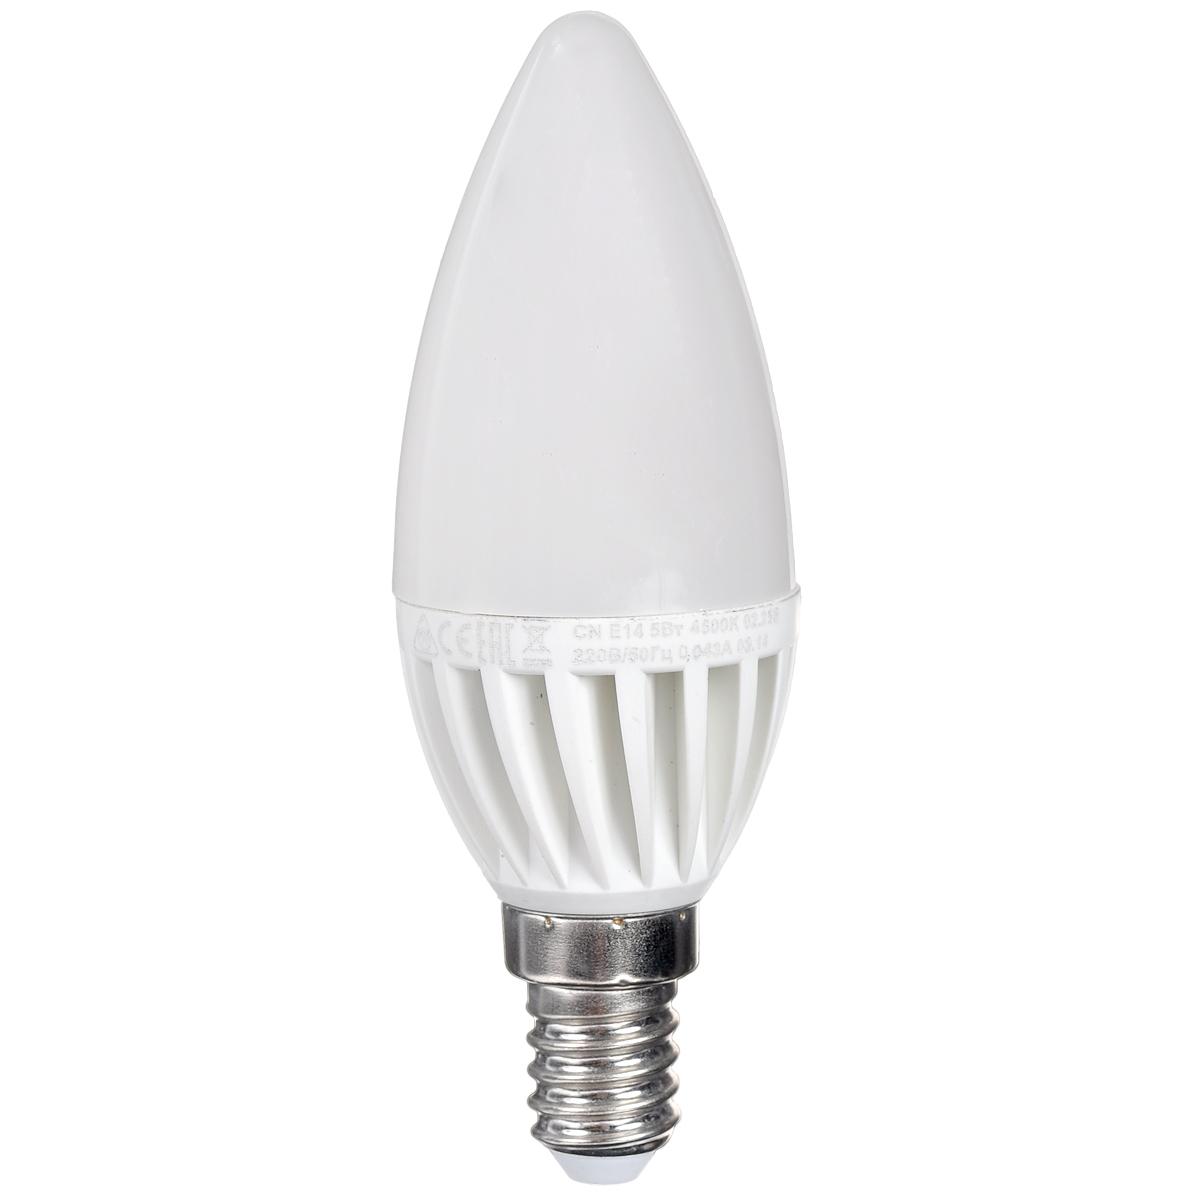 Светодиодная лампа Kosmos, белый свет, цоколь E14, 5W, 220V. Lksm_LED5wCNE1445Lksm_LED5wCNE1445КОСМОС LED CN 5Вт 220В E14 4500K (Lksm LED5wCNE1445) – представитель декоративной серии ламп из световых диодов. Преследует эффективное использование посредством классических люстр и БРА. Лампа сделана из оптимальных комплектующих, способна прослужить 30 тысяч часов. Экономия – до 90% электроэнергии. Цветовой индекс передачи Ra составляет >80. Заменяет ЛОН на 60W. Уважаемые клиенты! Обращаем ваше внимание на возможные изменения в дизайне упаковки. Качественные характеристики товара остаются неизменными. Поставка осуществляется в зависимости от наличия на складе.